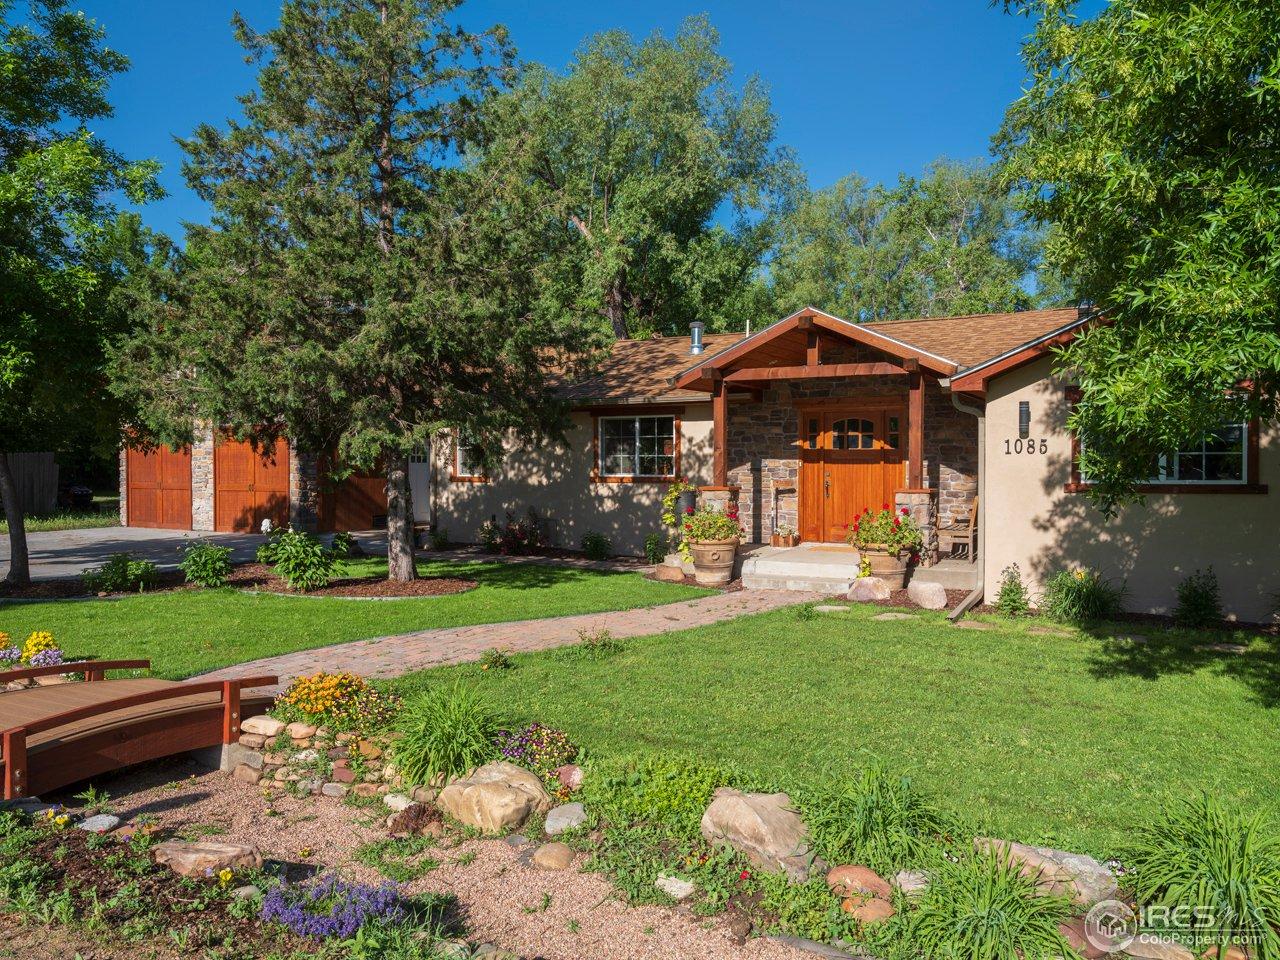 1085 Gapter Rd, Boulder CO 80303